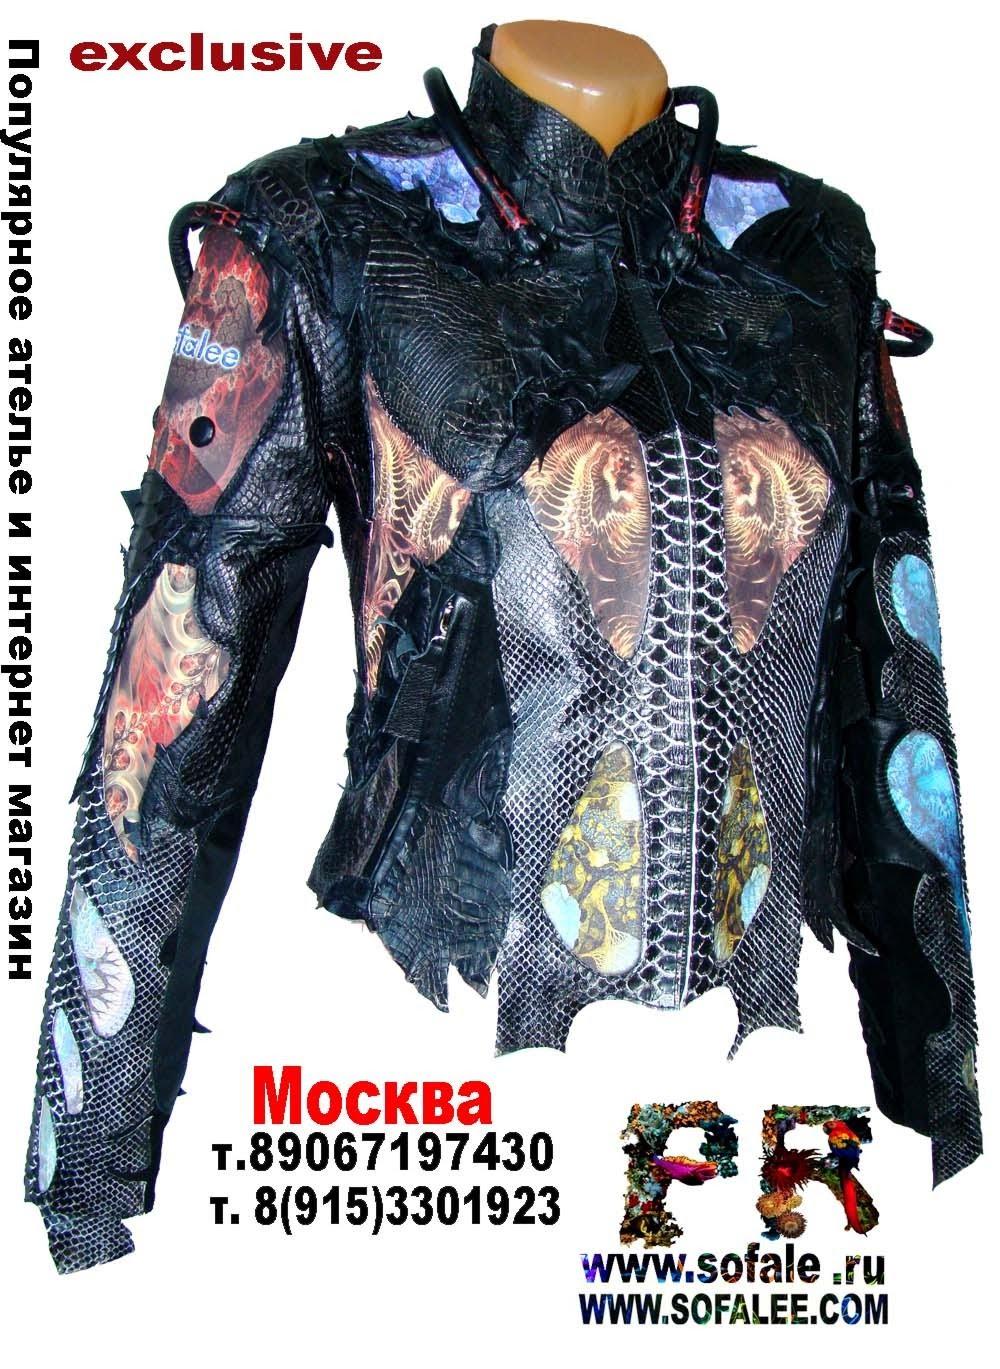 эксклюзивная кожаная куртка в стиле рок 7